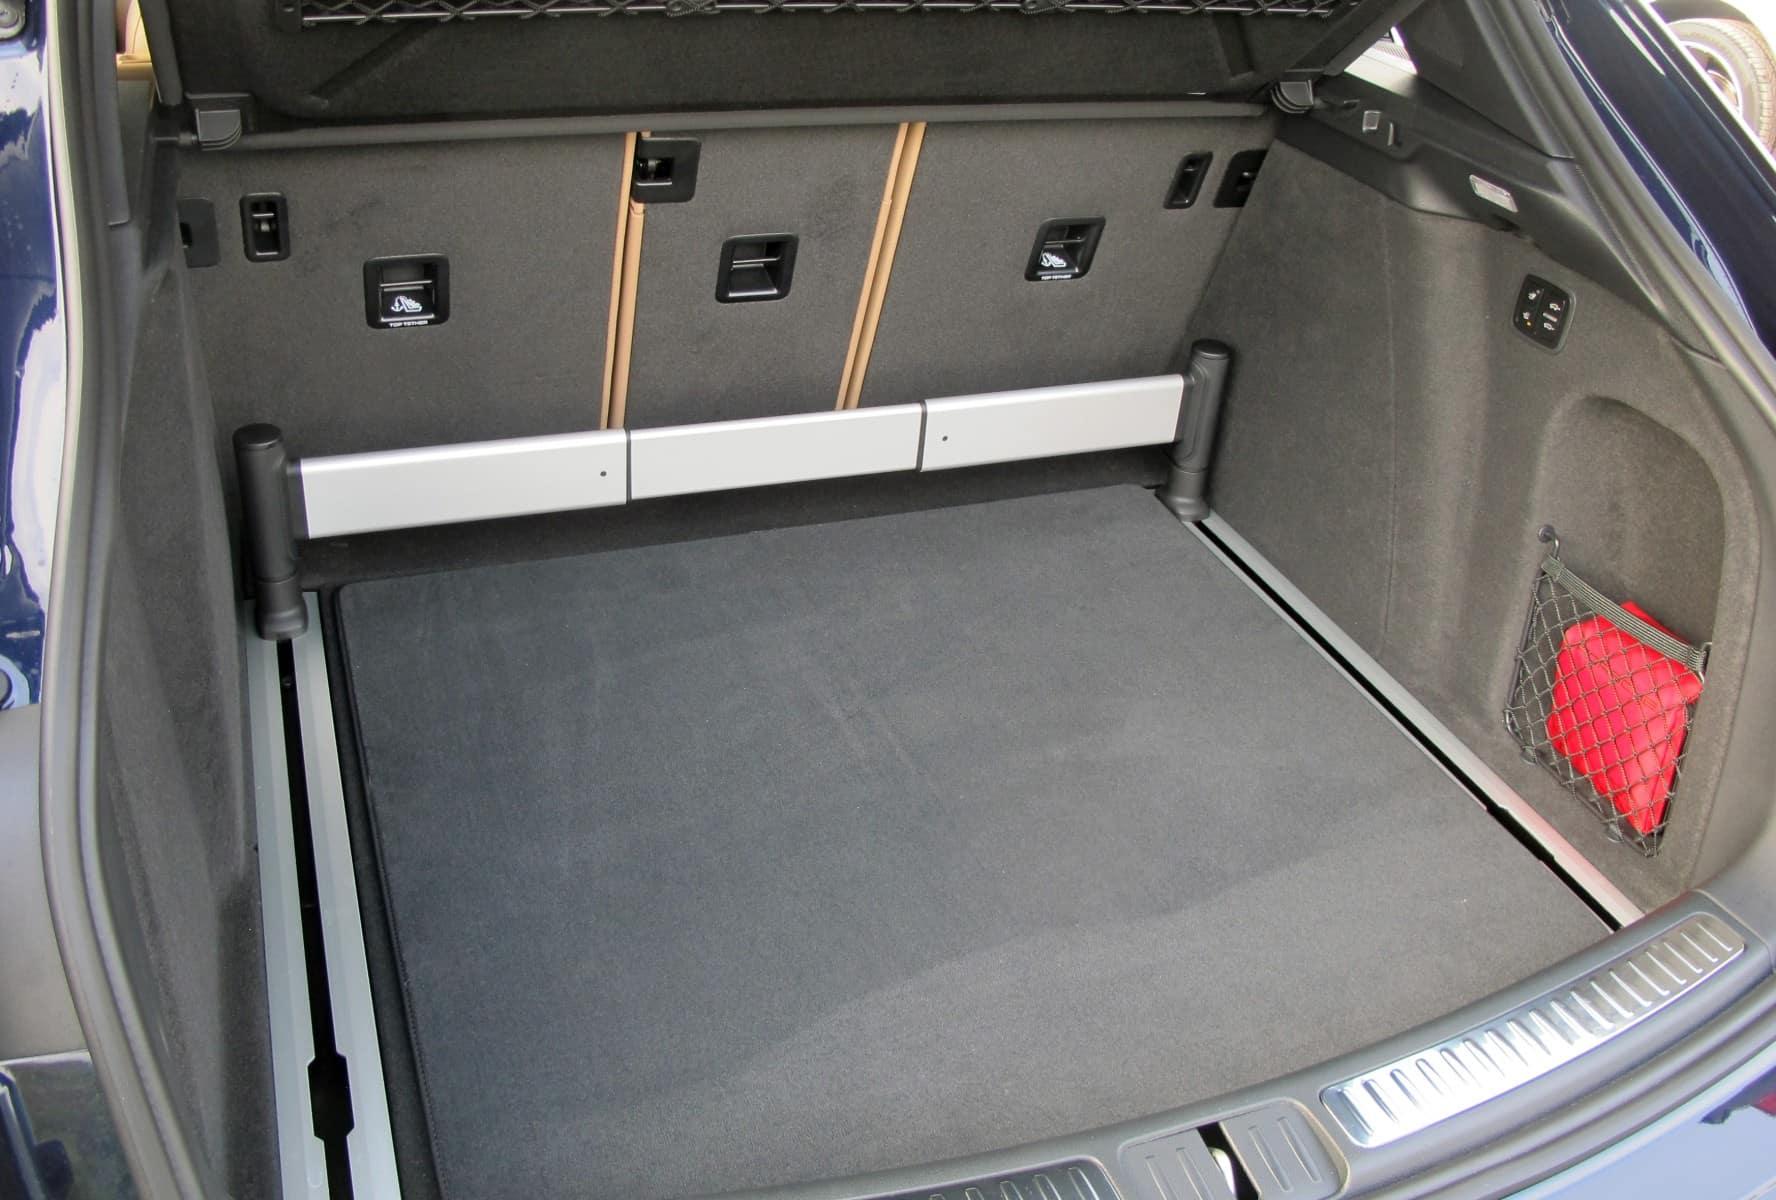 2019 Porsche Macan Cargo Interior